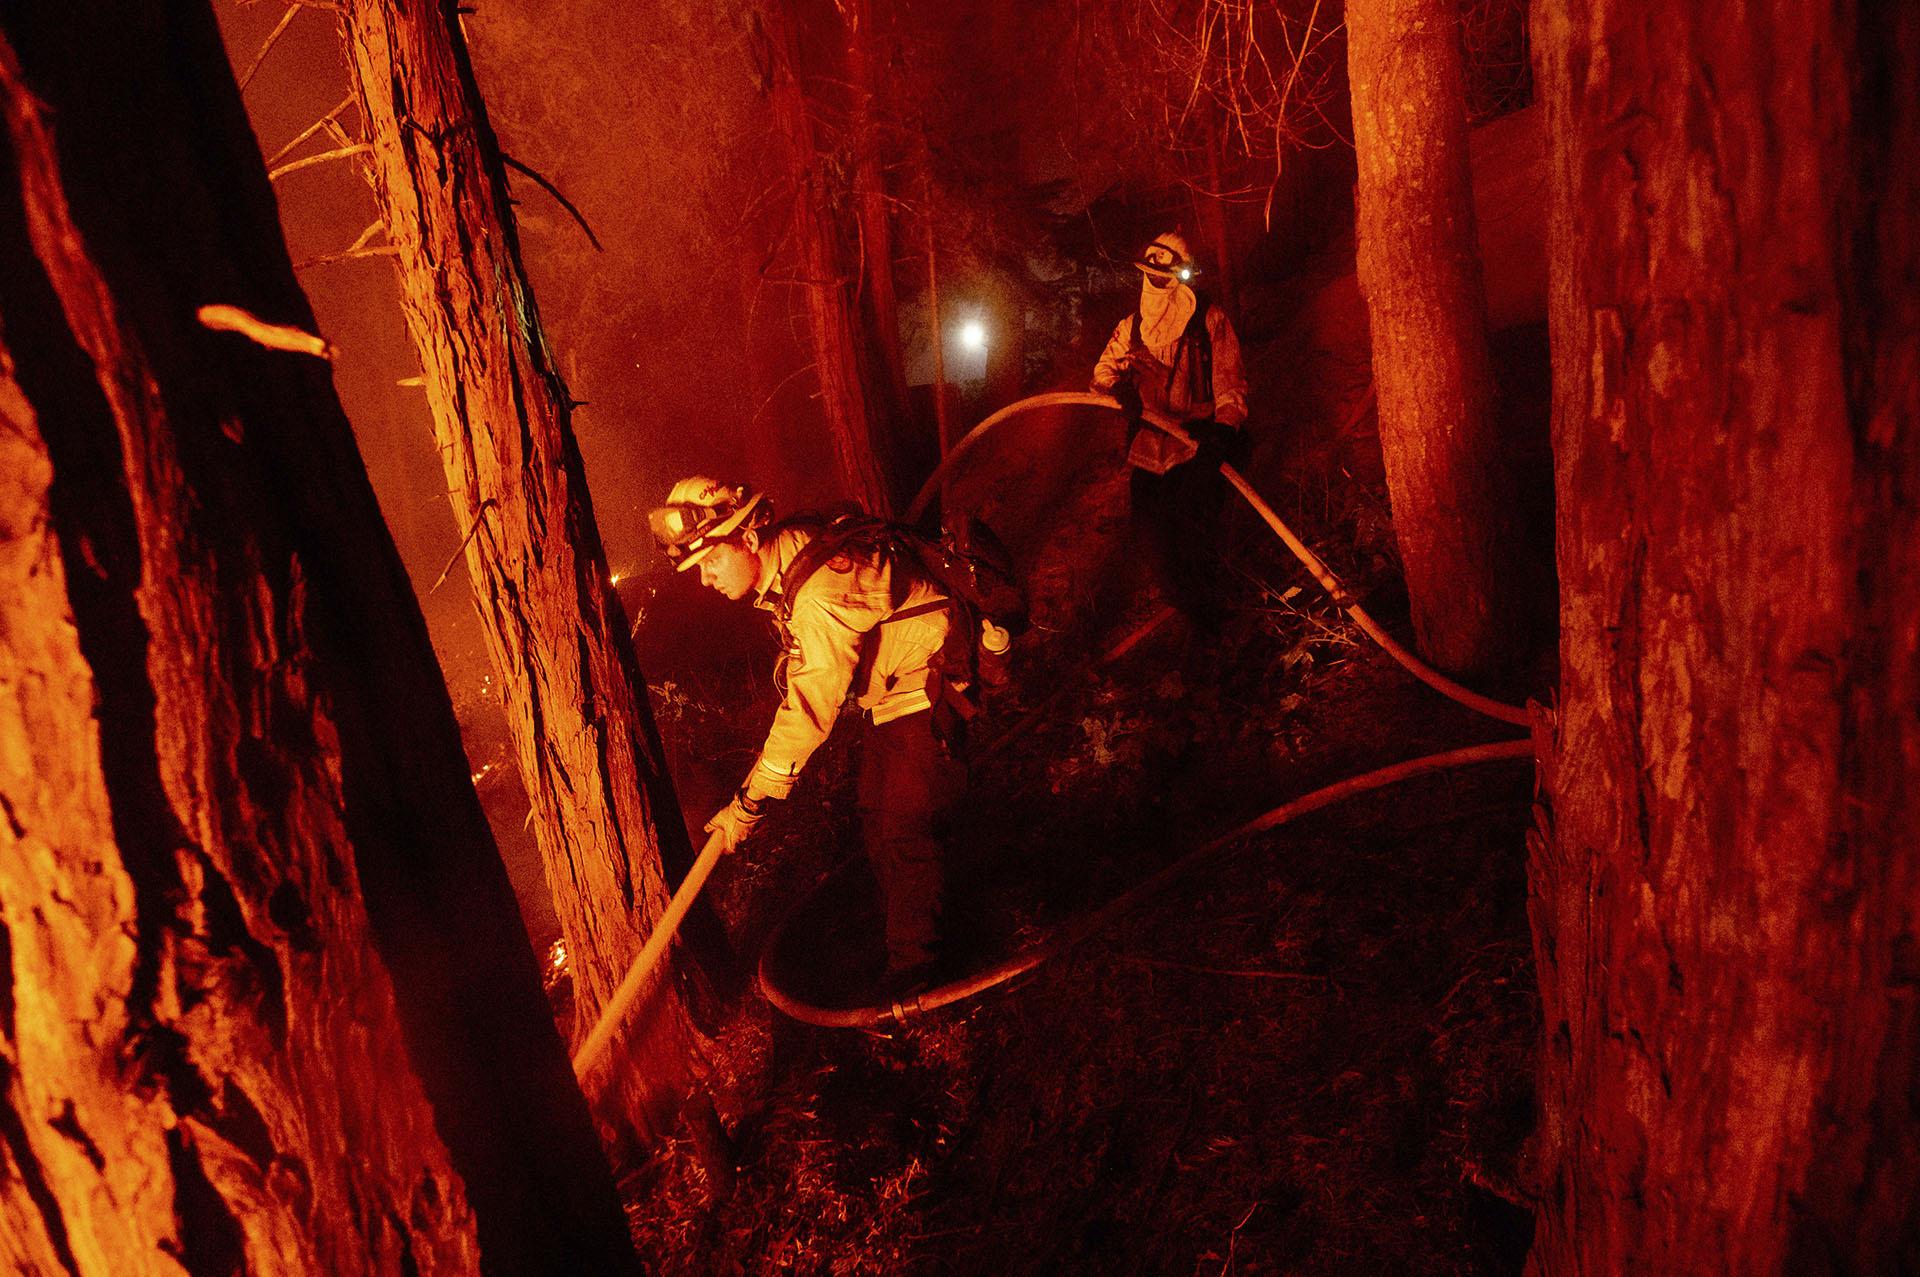 El récord de dos millones de acres destruidos llega en momentos en que la temporada de incendios forestales todavía tiene aproximadamente dos meses para el final en el estado más poblado de Estados Unidos. Mientras tanto, miles de bomberos luchaban contra las llamas durante una ola de calor abrasador. (AP/Noah Berger)